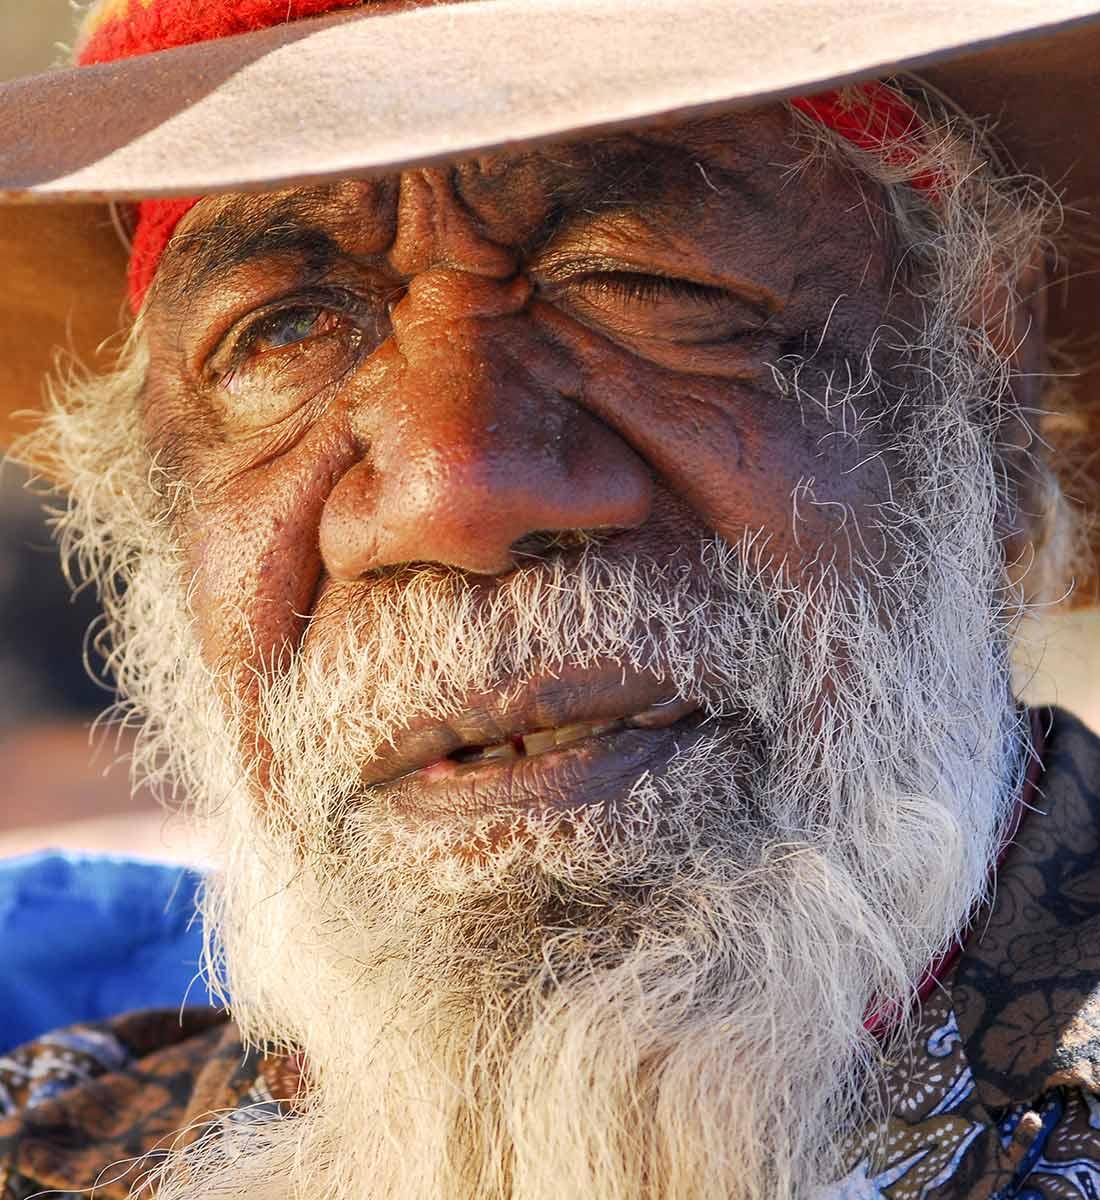 Portrait of Jeffrey James. - click to view larger image